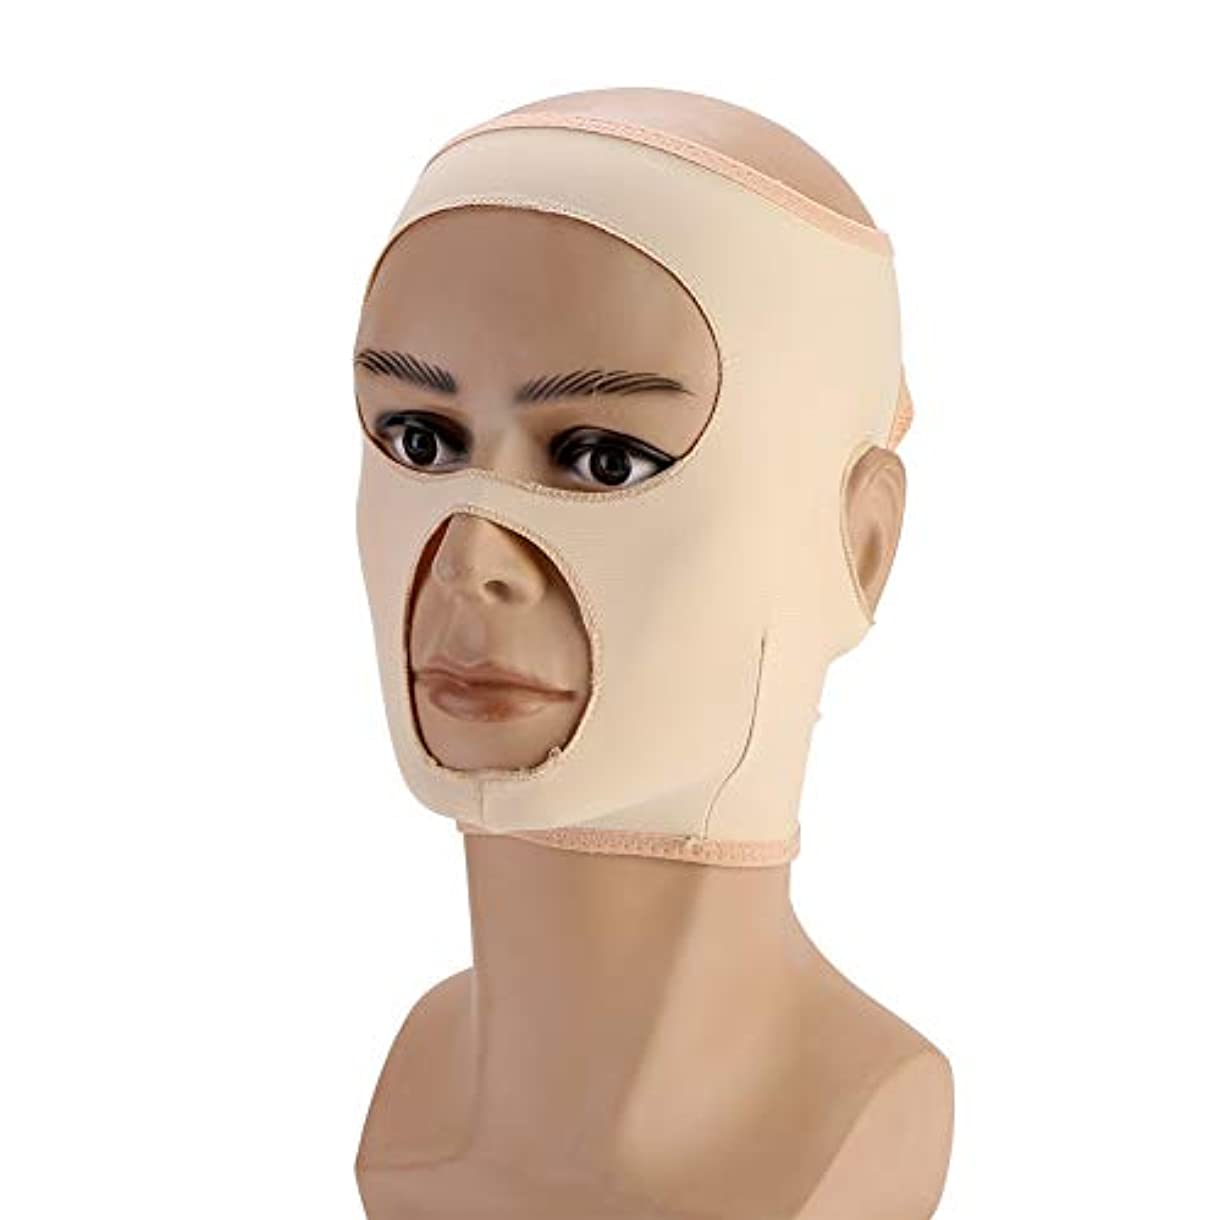 反応する恐れるイーウェルフェイス包帯 フェイシャルケア 小顔 美顔 Vライン 顔輪郭改善 美容包帯 通気性/伸縮性/自動調整バックル フェイシャル マスク フェイスラインスリムアップベルト(M)